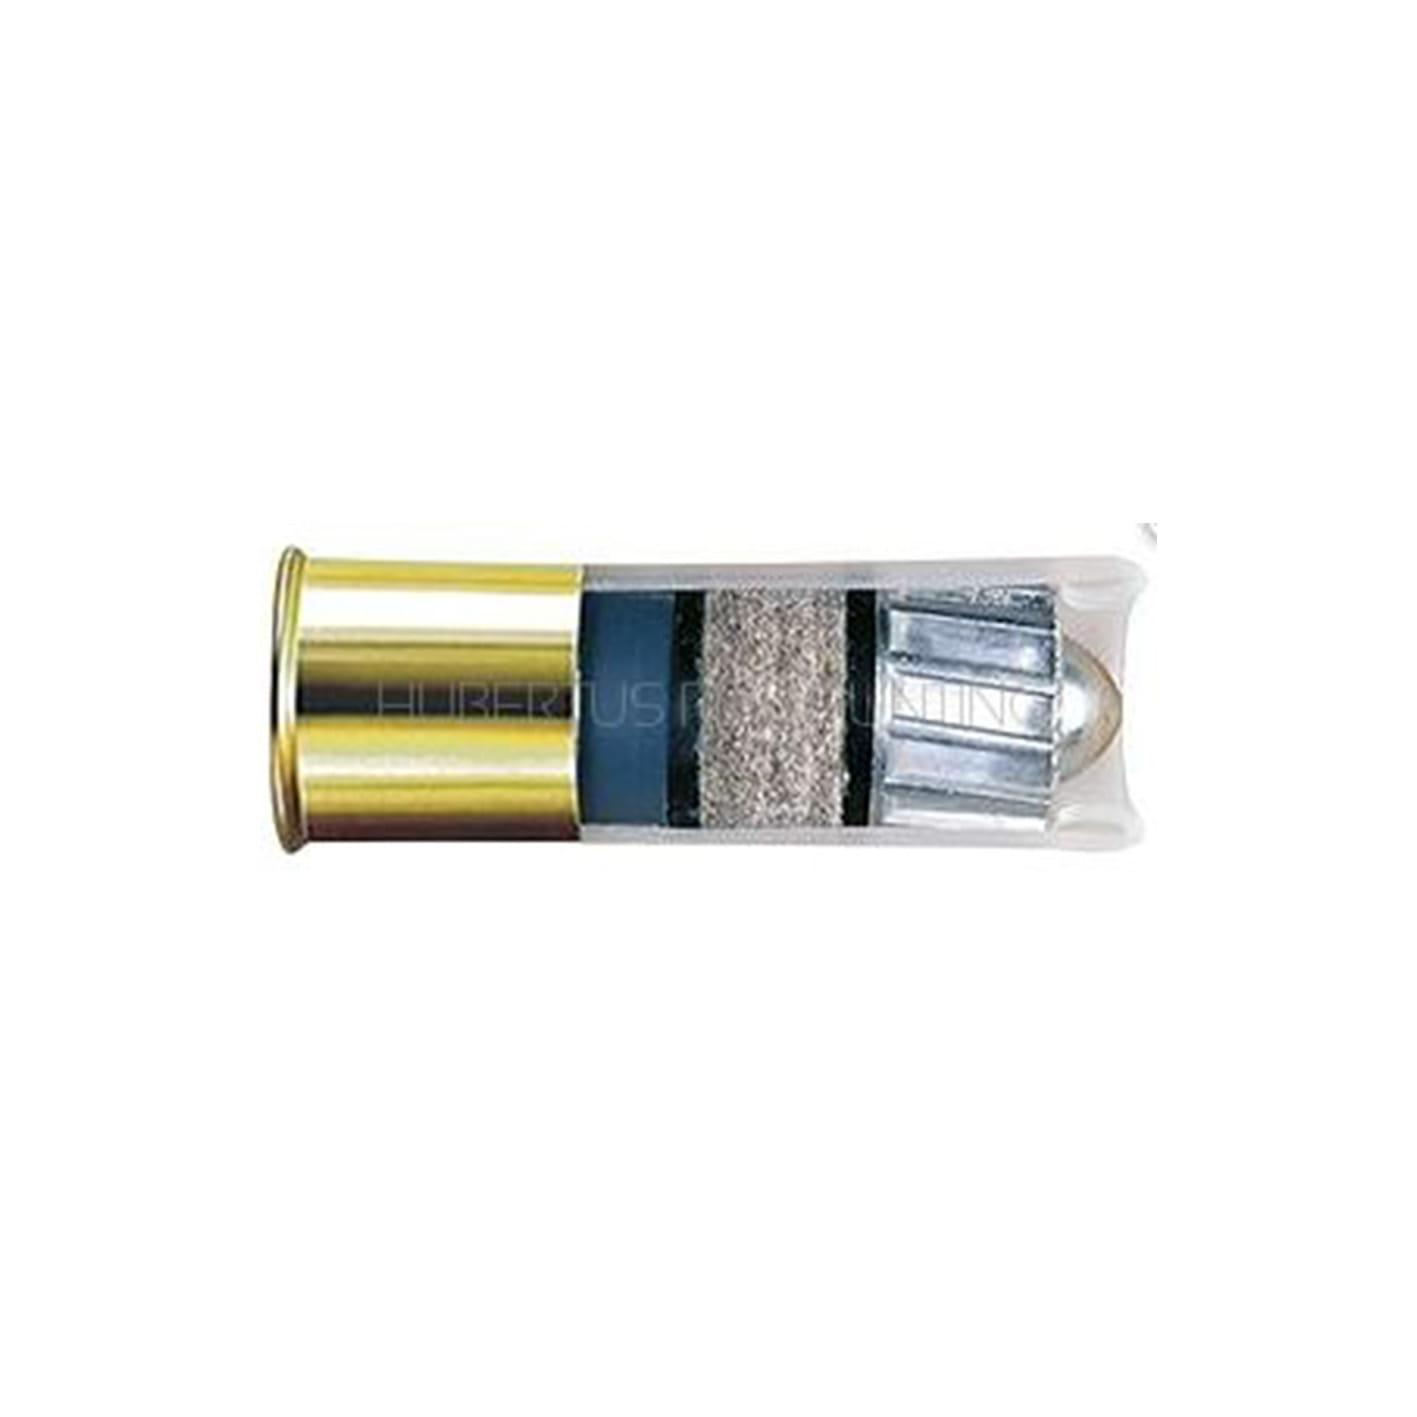 AMUNICJA BRENNEKE 12/70 CLASSIC 31,5G ( 5SZT) 1201620 | BRENNEKE